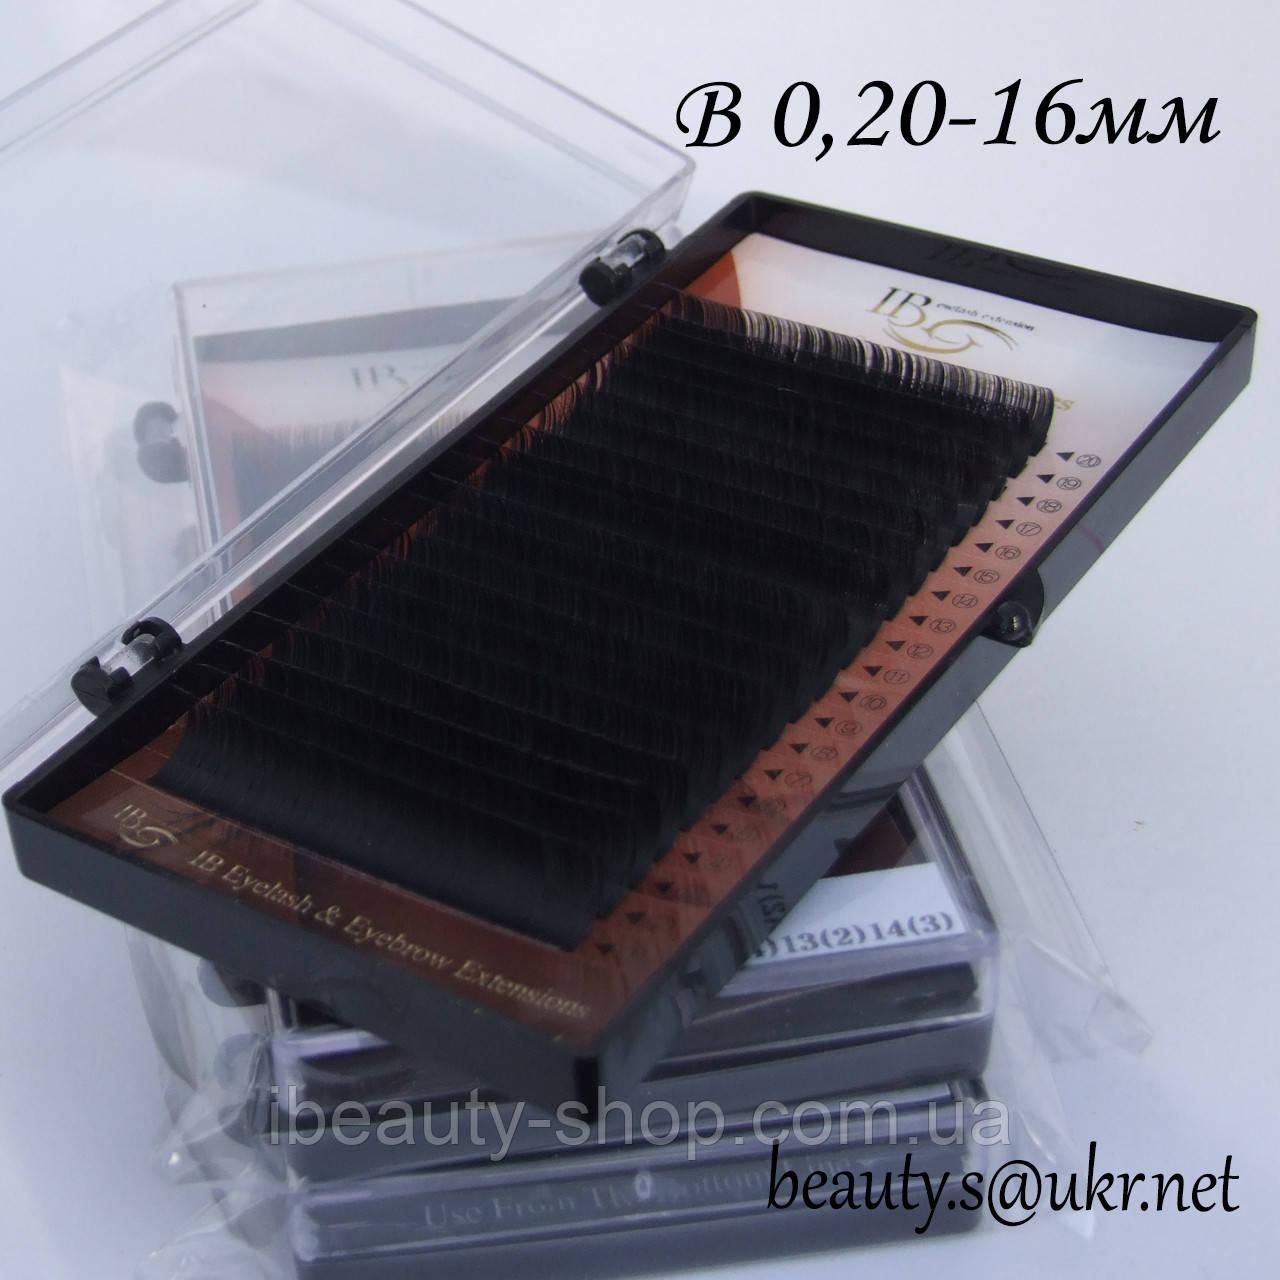 Ресницы I-Beauty на ленте B 0,20-16мм